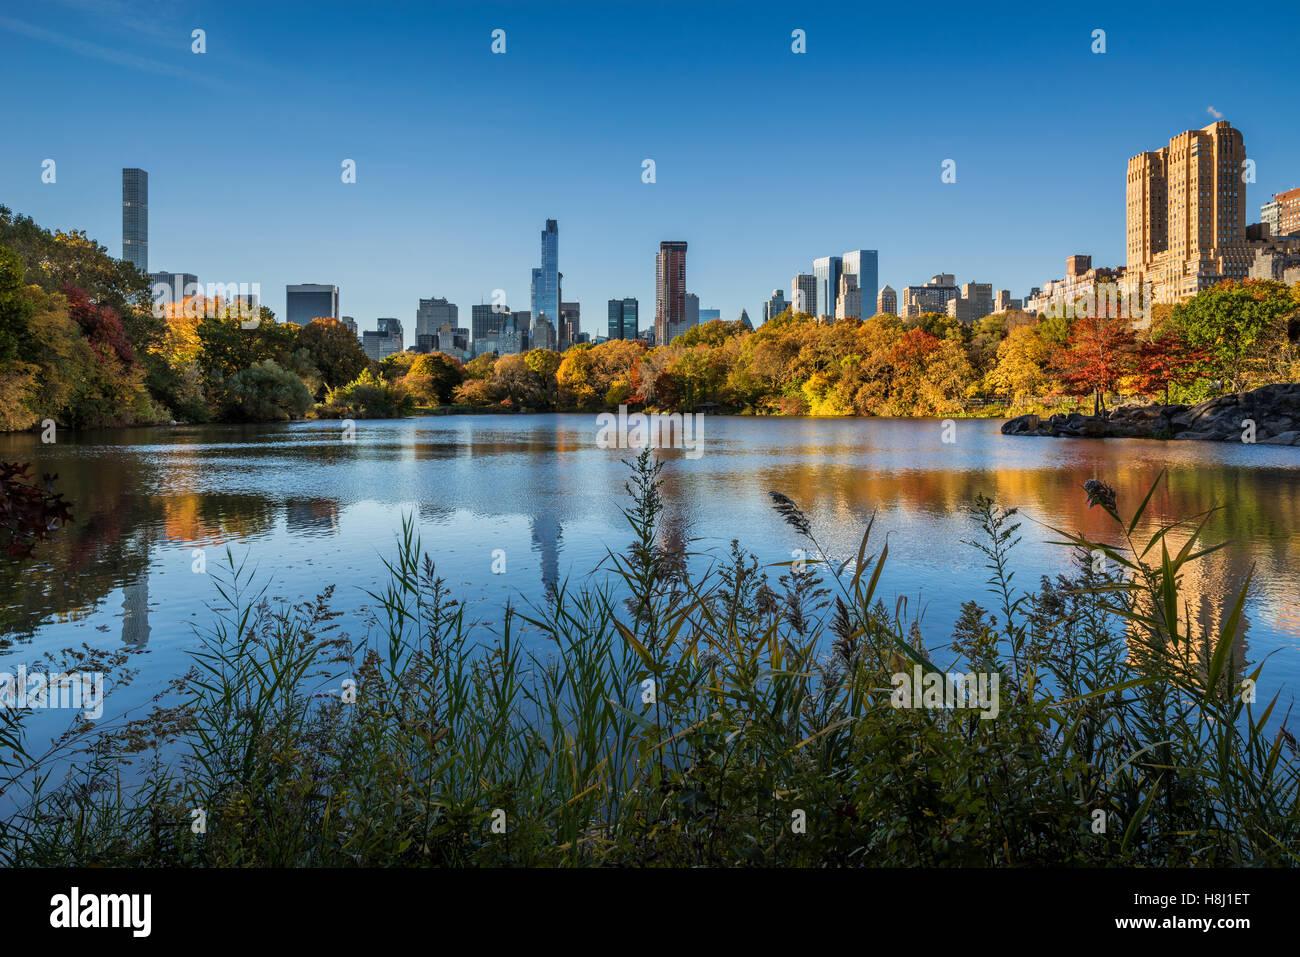 Automne dans Central Park au lac avec Midtown et l'Upper West Side de gratte-ciel. Feuillage de l'automne Photo Stock